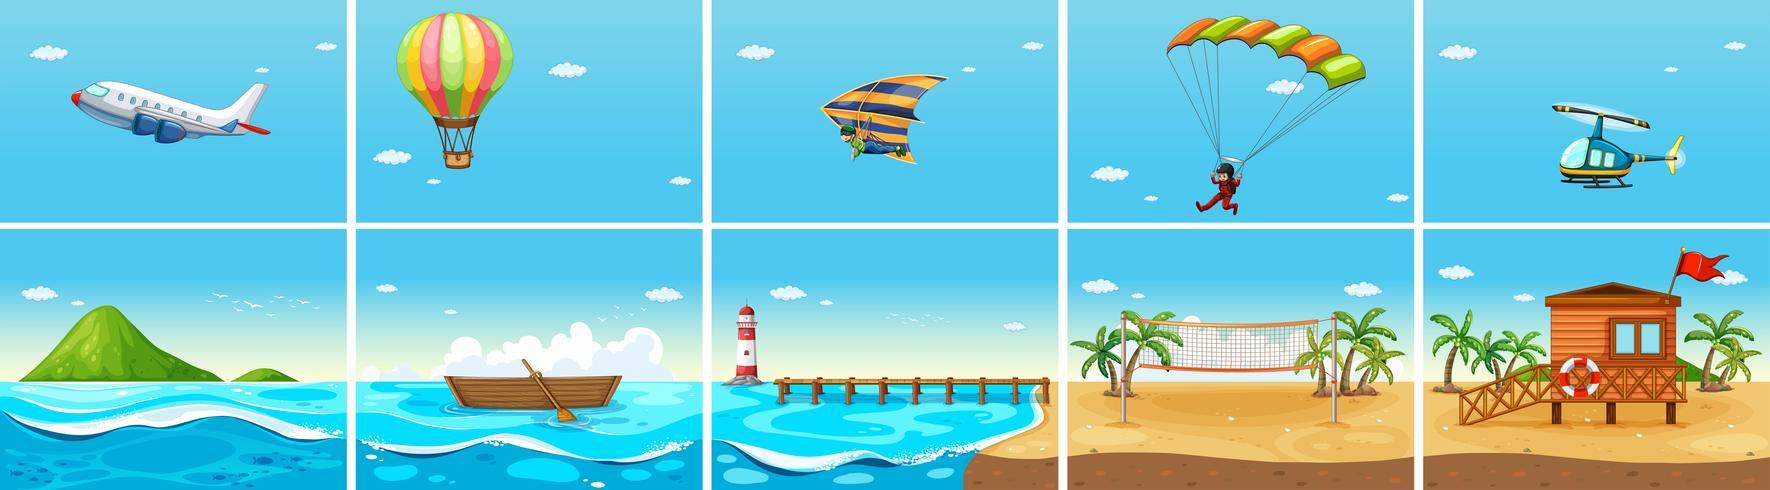 Naturszene mit Ozean und Strand vektor